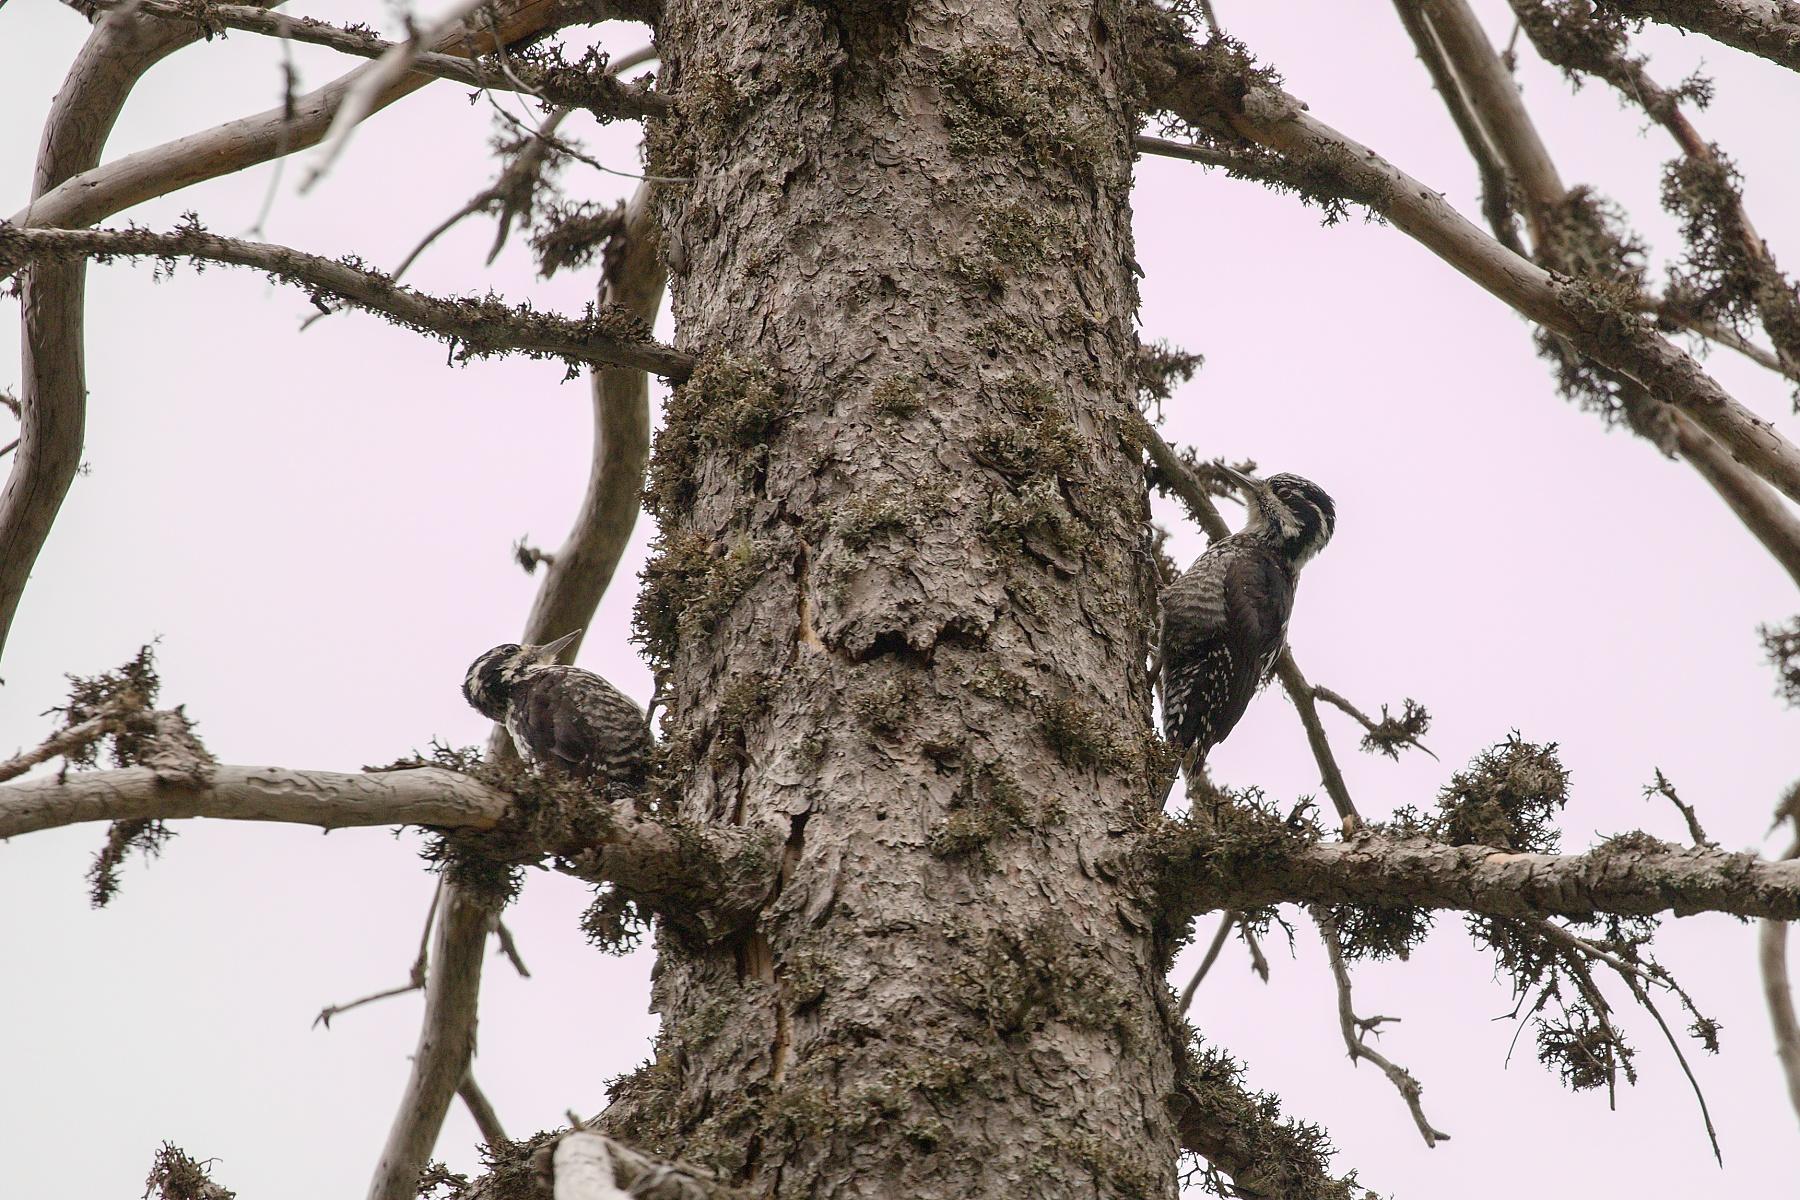 ďubník trojprstý (Picoides tridactylus) Three-toed woodpecker, Kôprová dolina, Slovensko